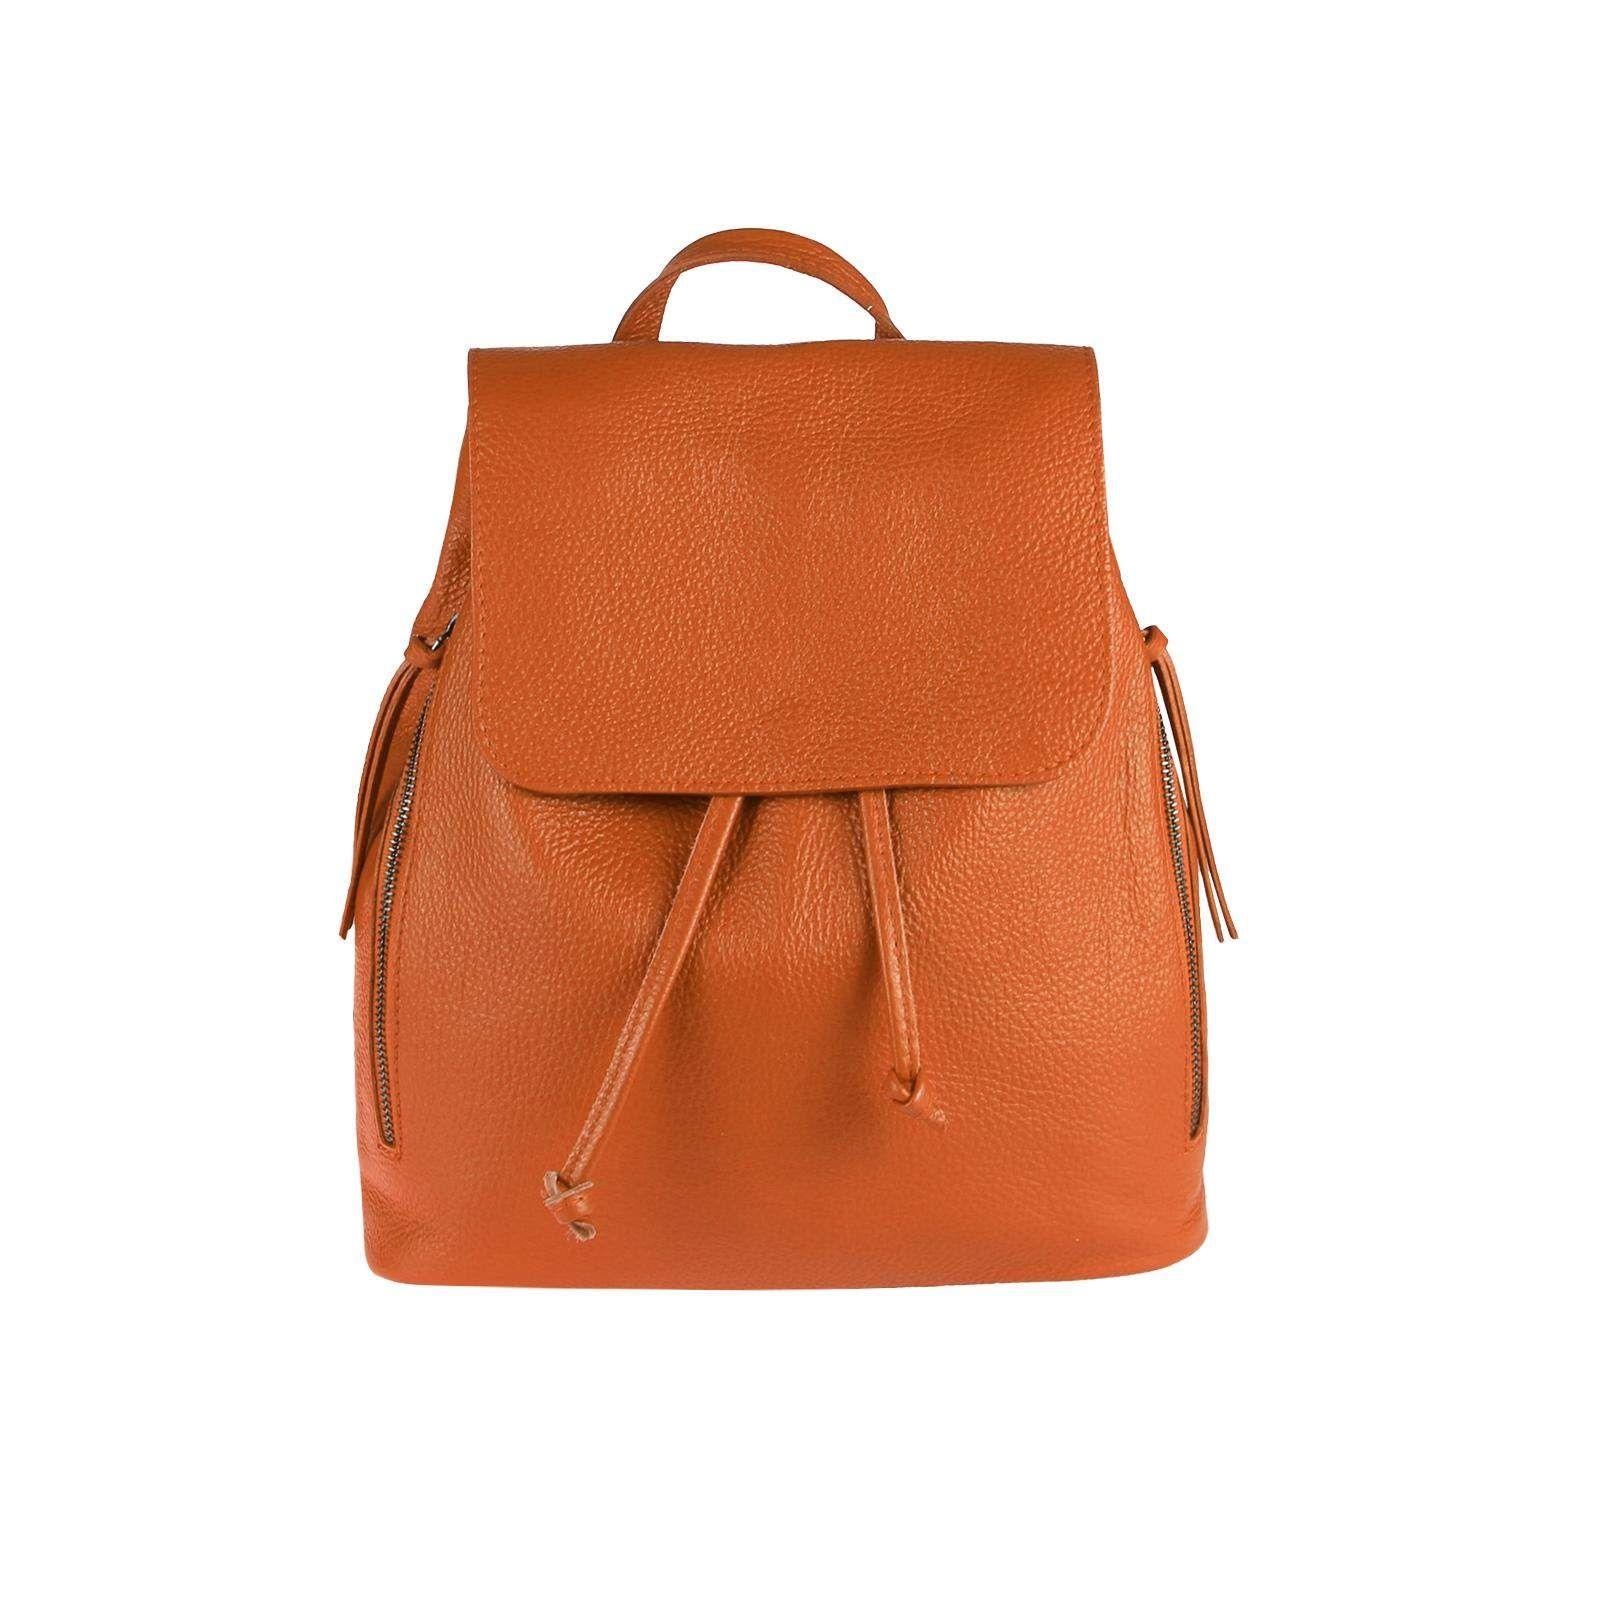 8b8a586eb715e OBC MADE IN ITALY DAMEN Echt LEDER RUCKSACK Cityrucksack Lederrucksack Tasche  Schultertasche Ledertasche Stadtrucksack Handtasche Daypacks